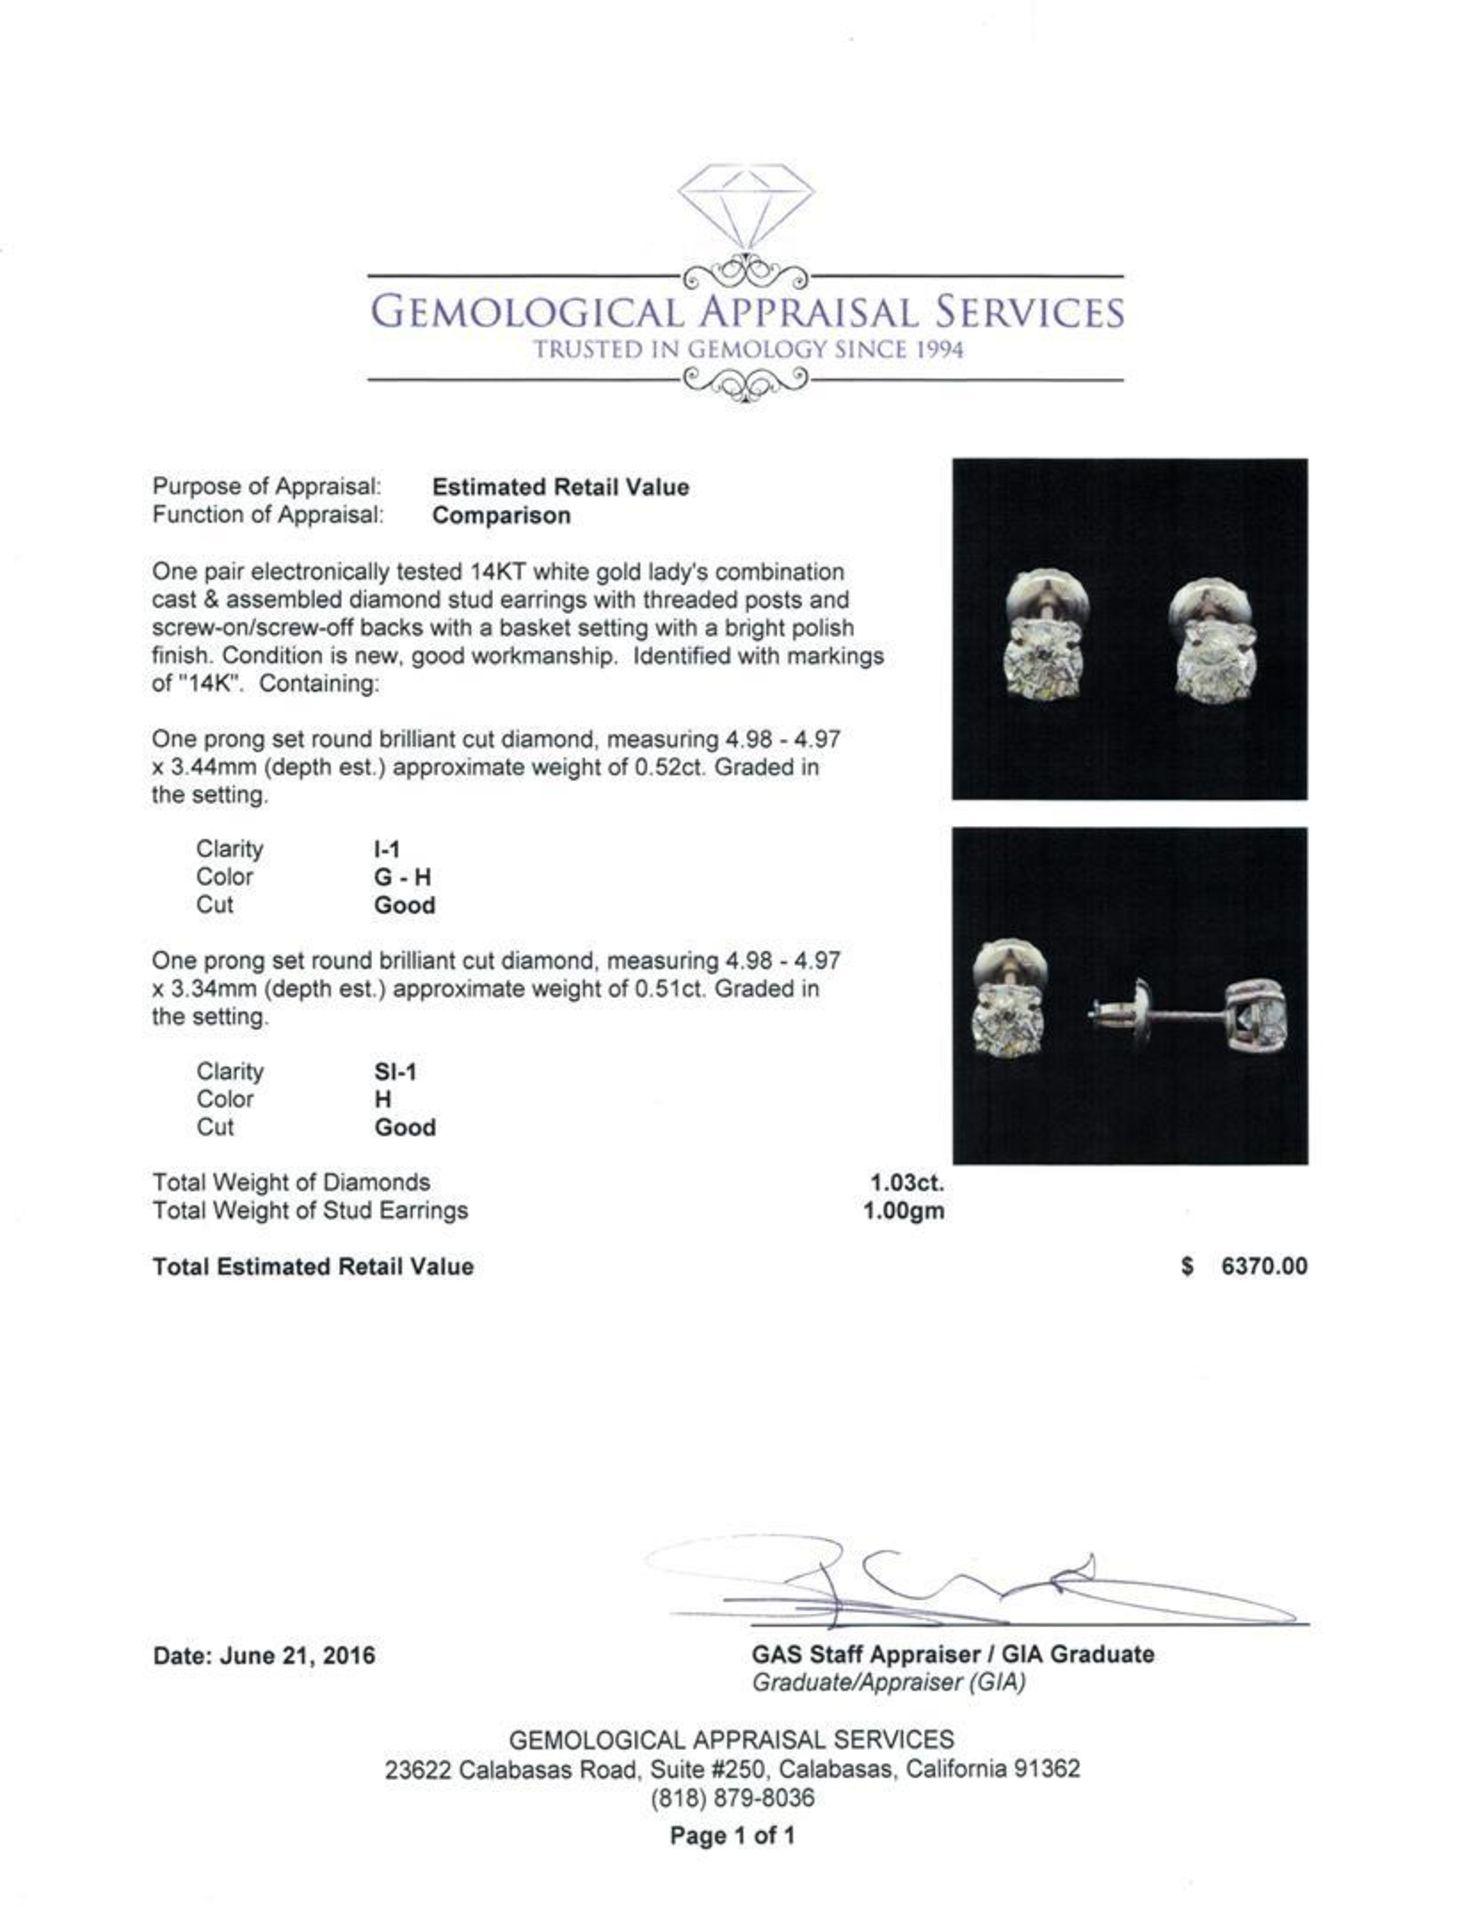 1.03 ctw Diamond Stud Earrings - 14KT White Gold - Image 3 of 3